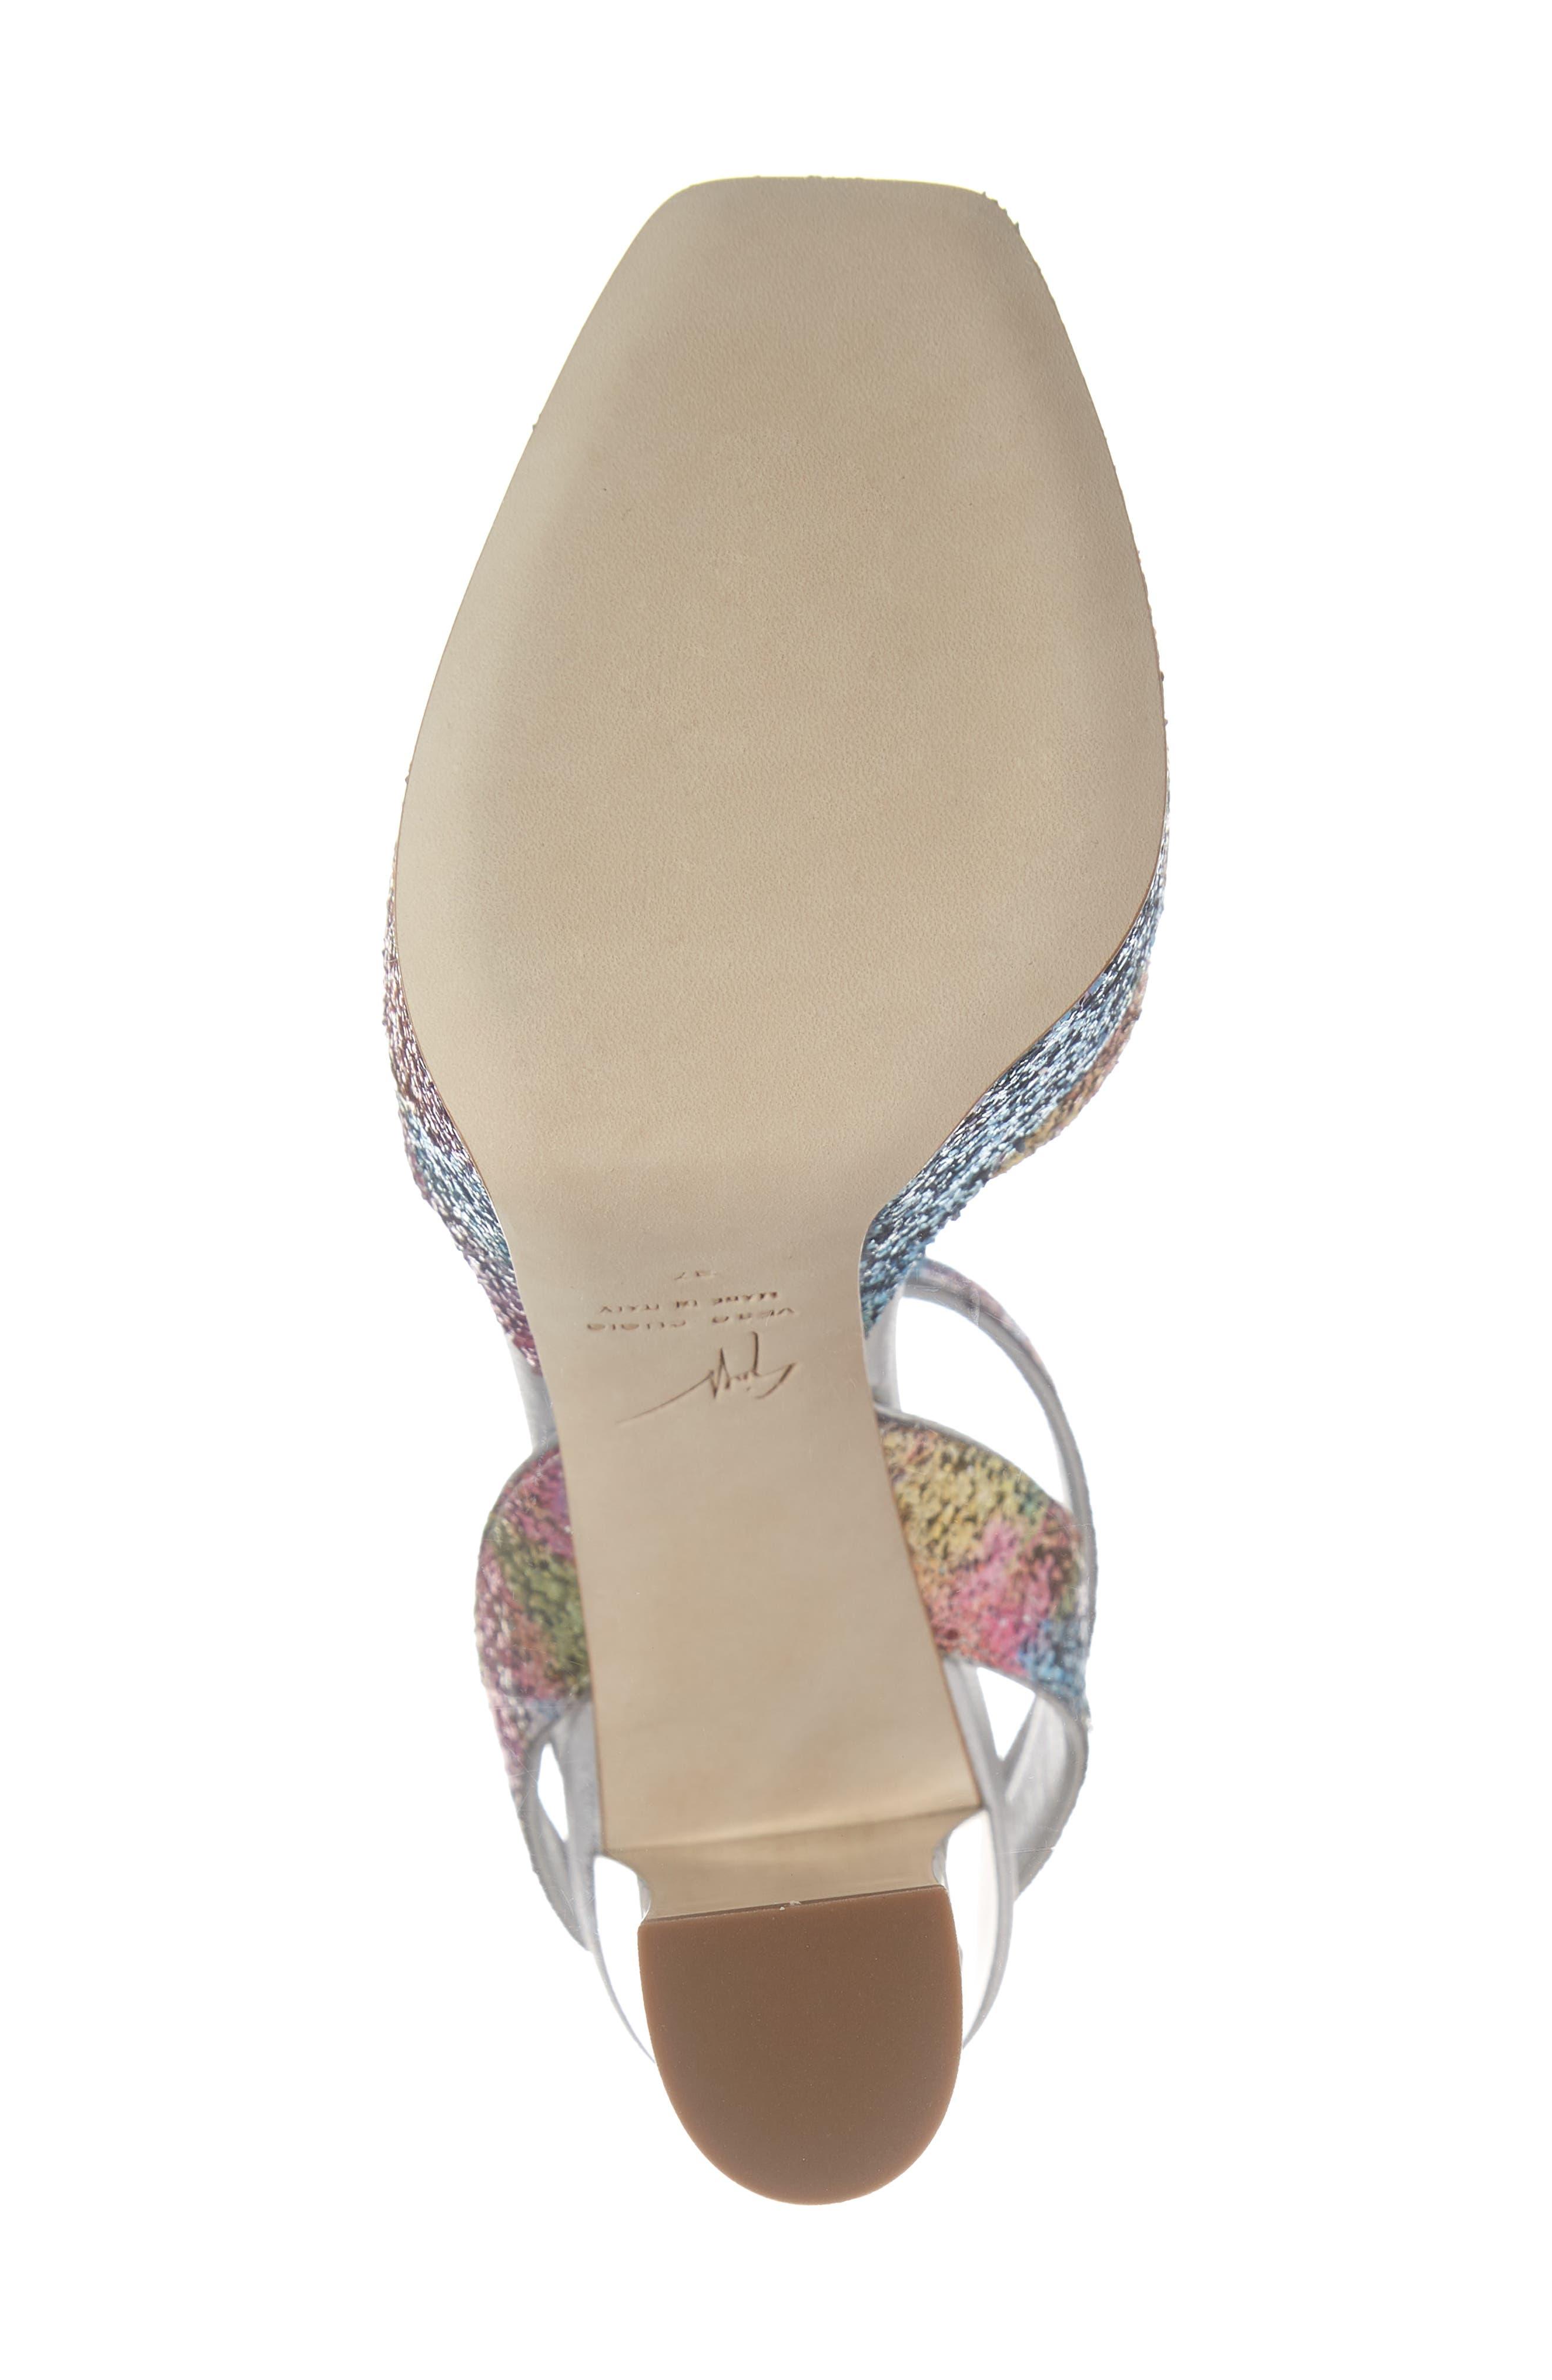 GIUSEPPE ZANOTTI, Lavinia Platform Sandal, Alternate thumbnail 6, color, MULTI GLITTER